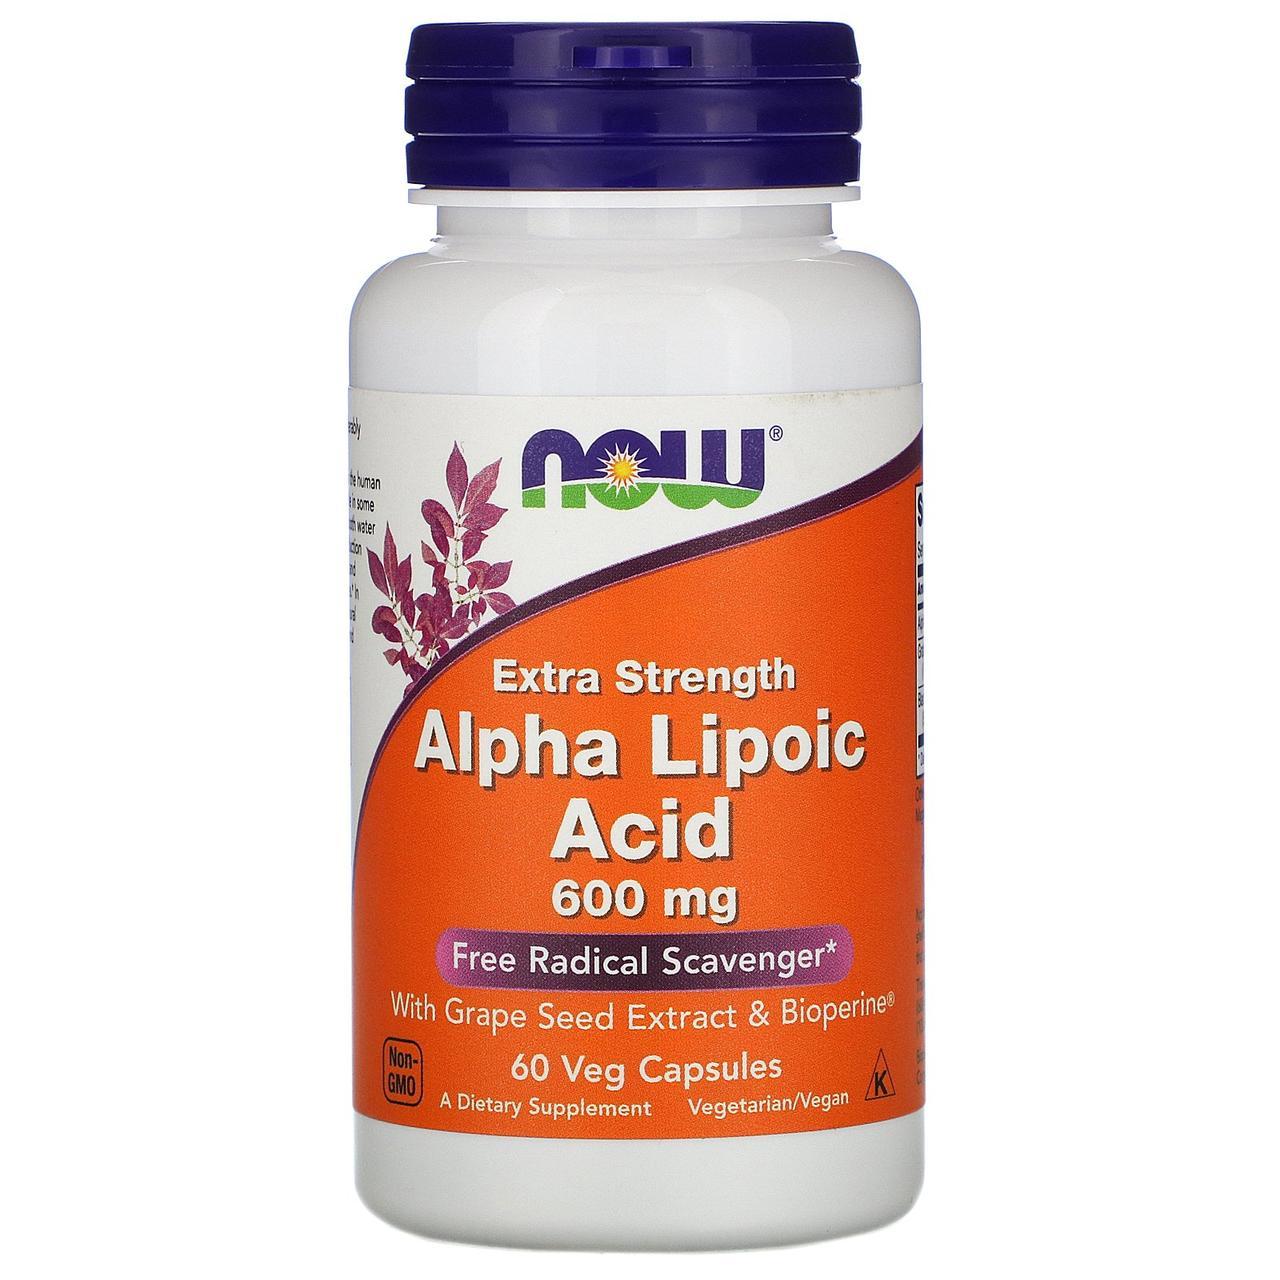 Альфа Ліпоєва Кислота, Now Foods, Alpha Lipoic Acid, 600 мг, 60 капсул